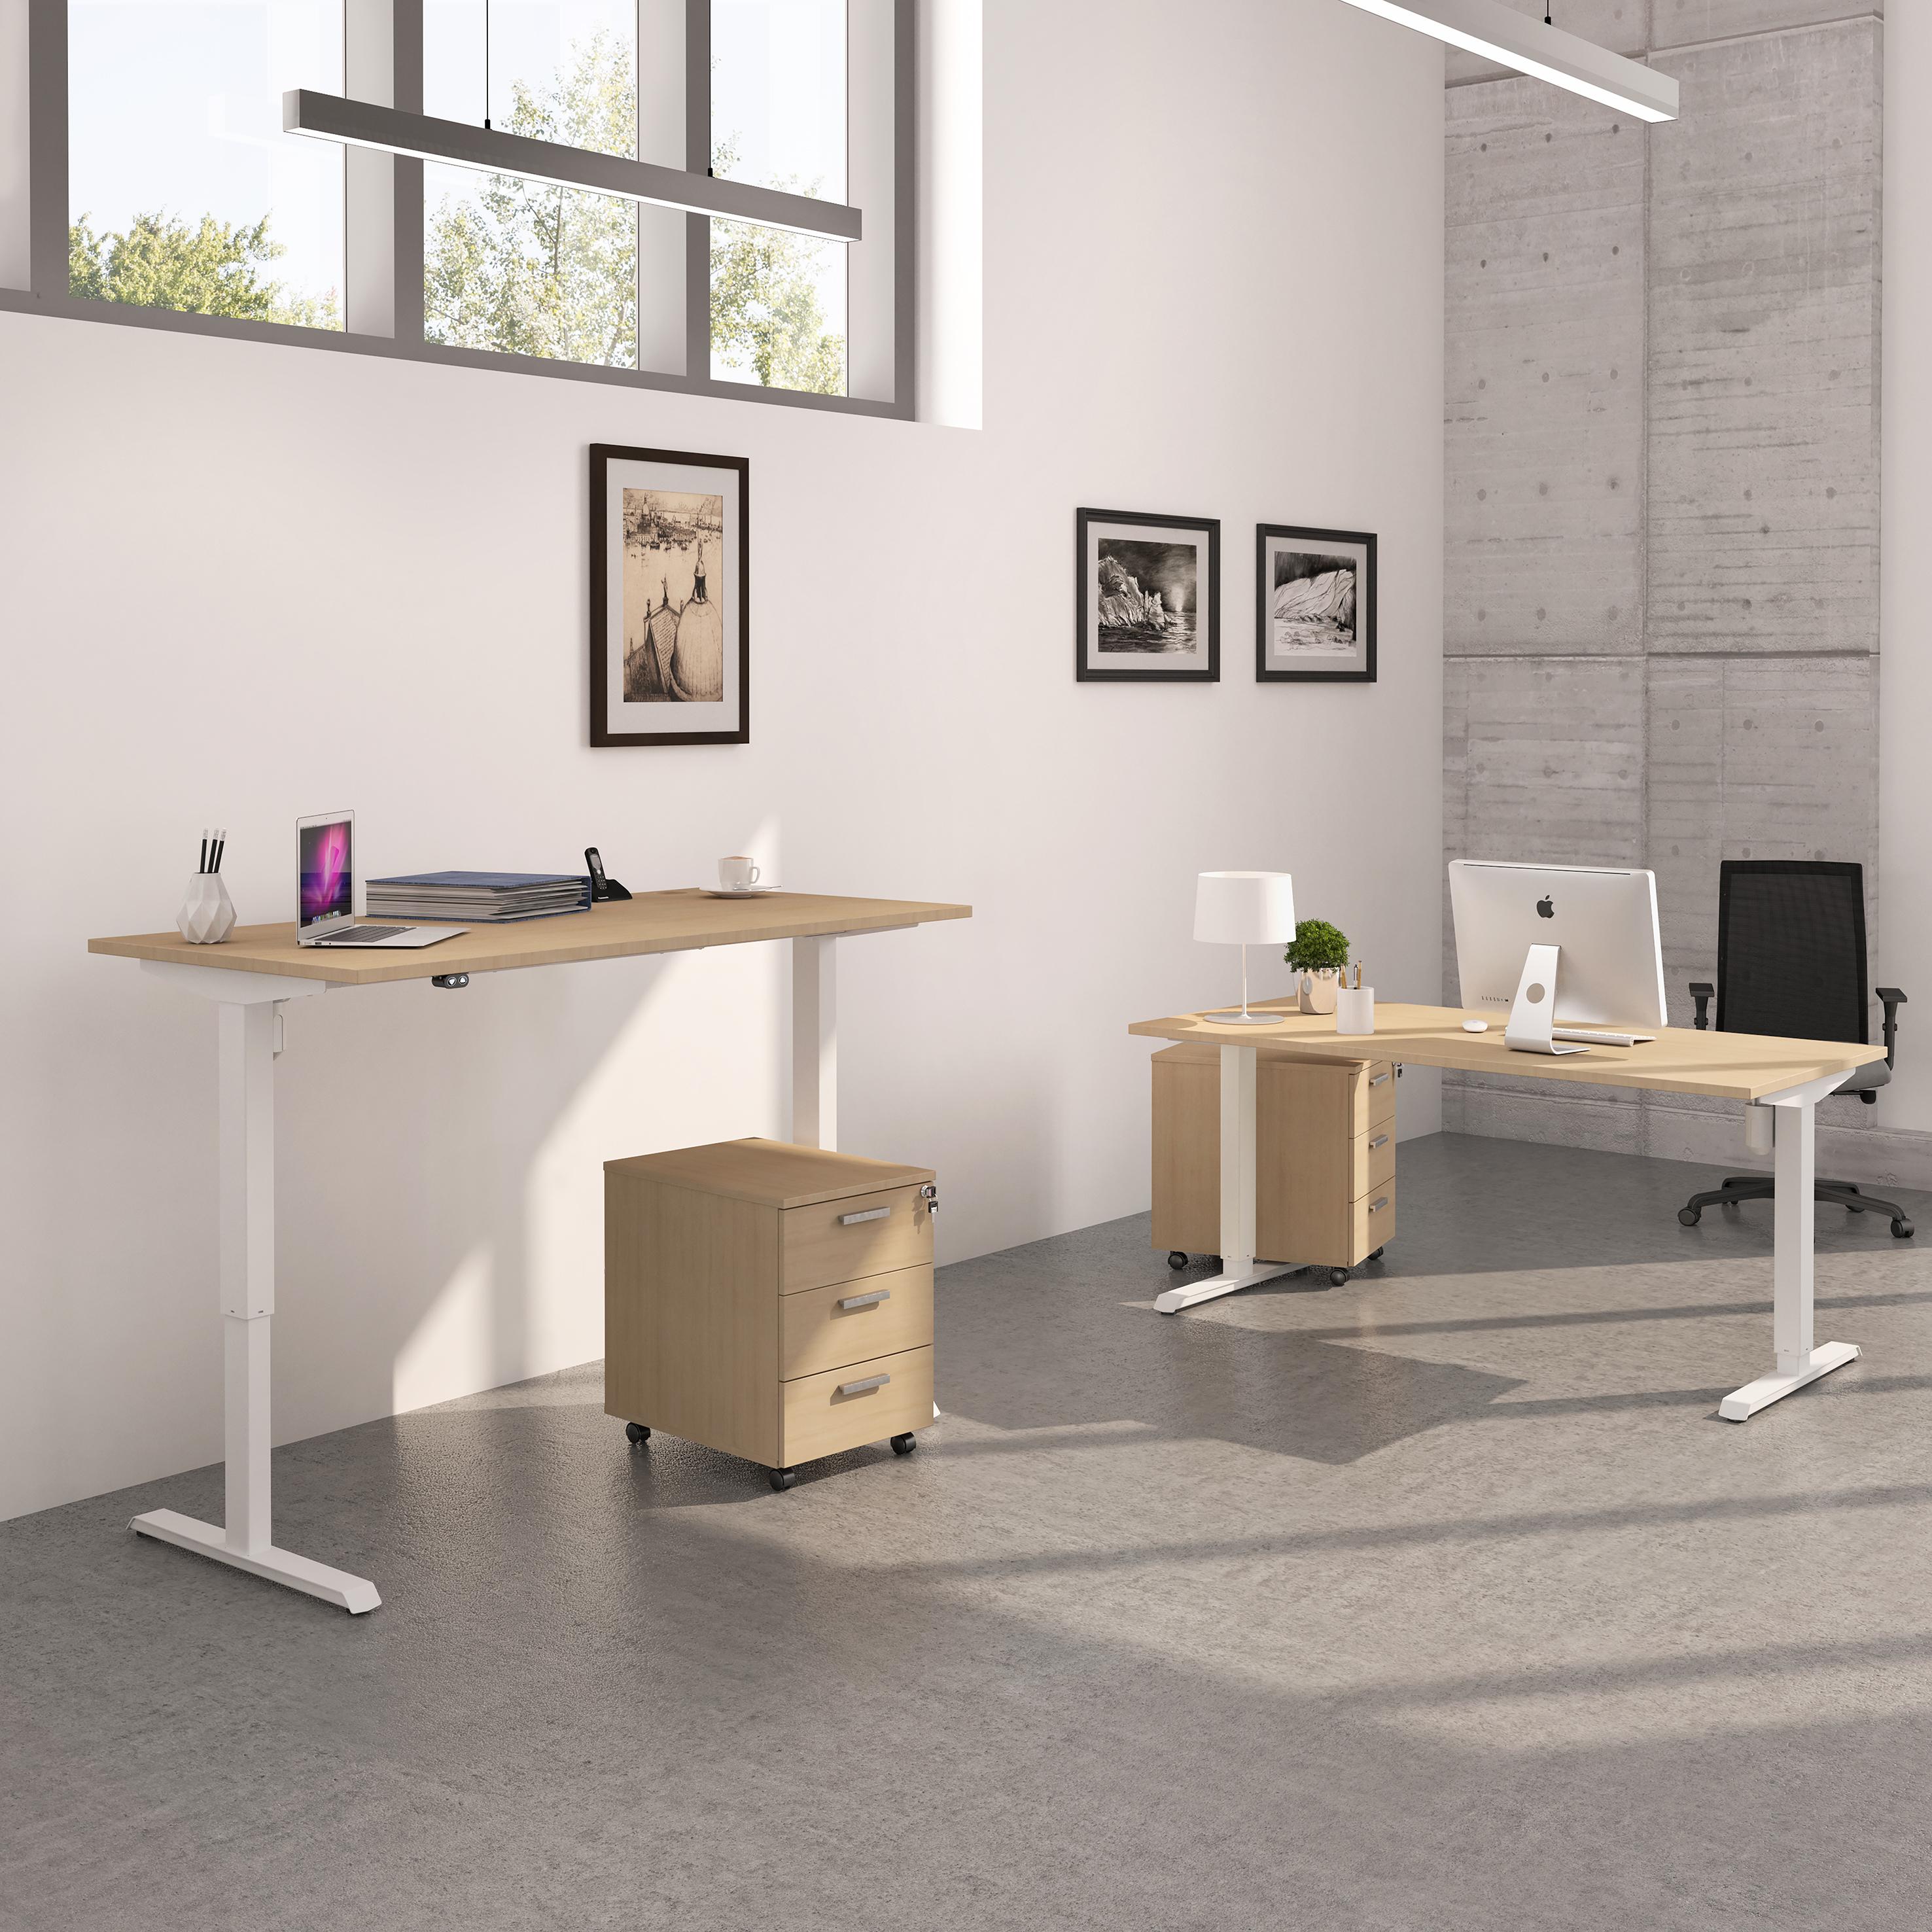 Bureau LEVEL réglable en hauteur par boitier de contrôle - 160 x 80 cm - Imitation Chêne gris